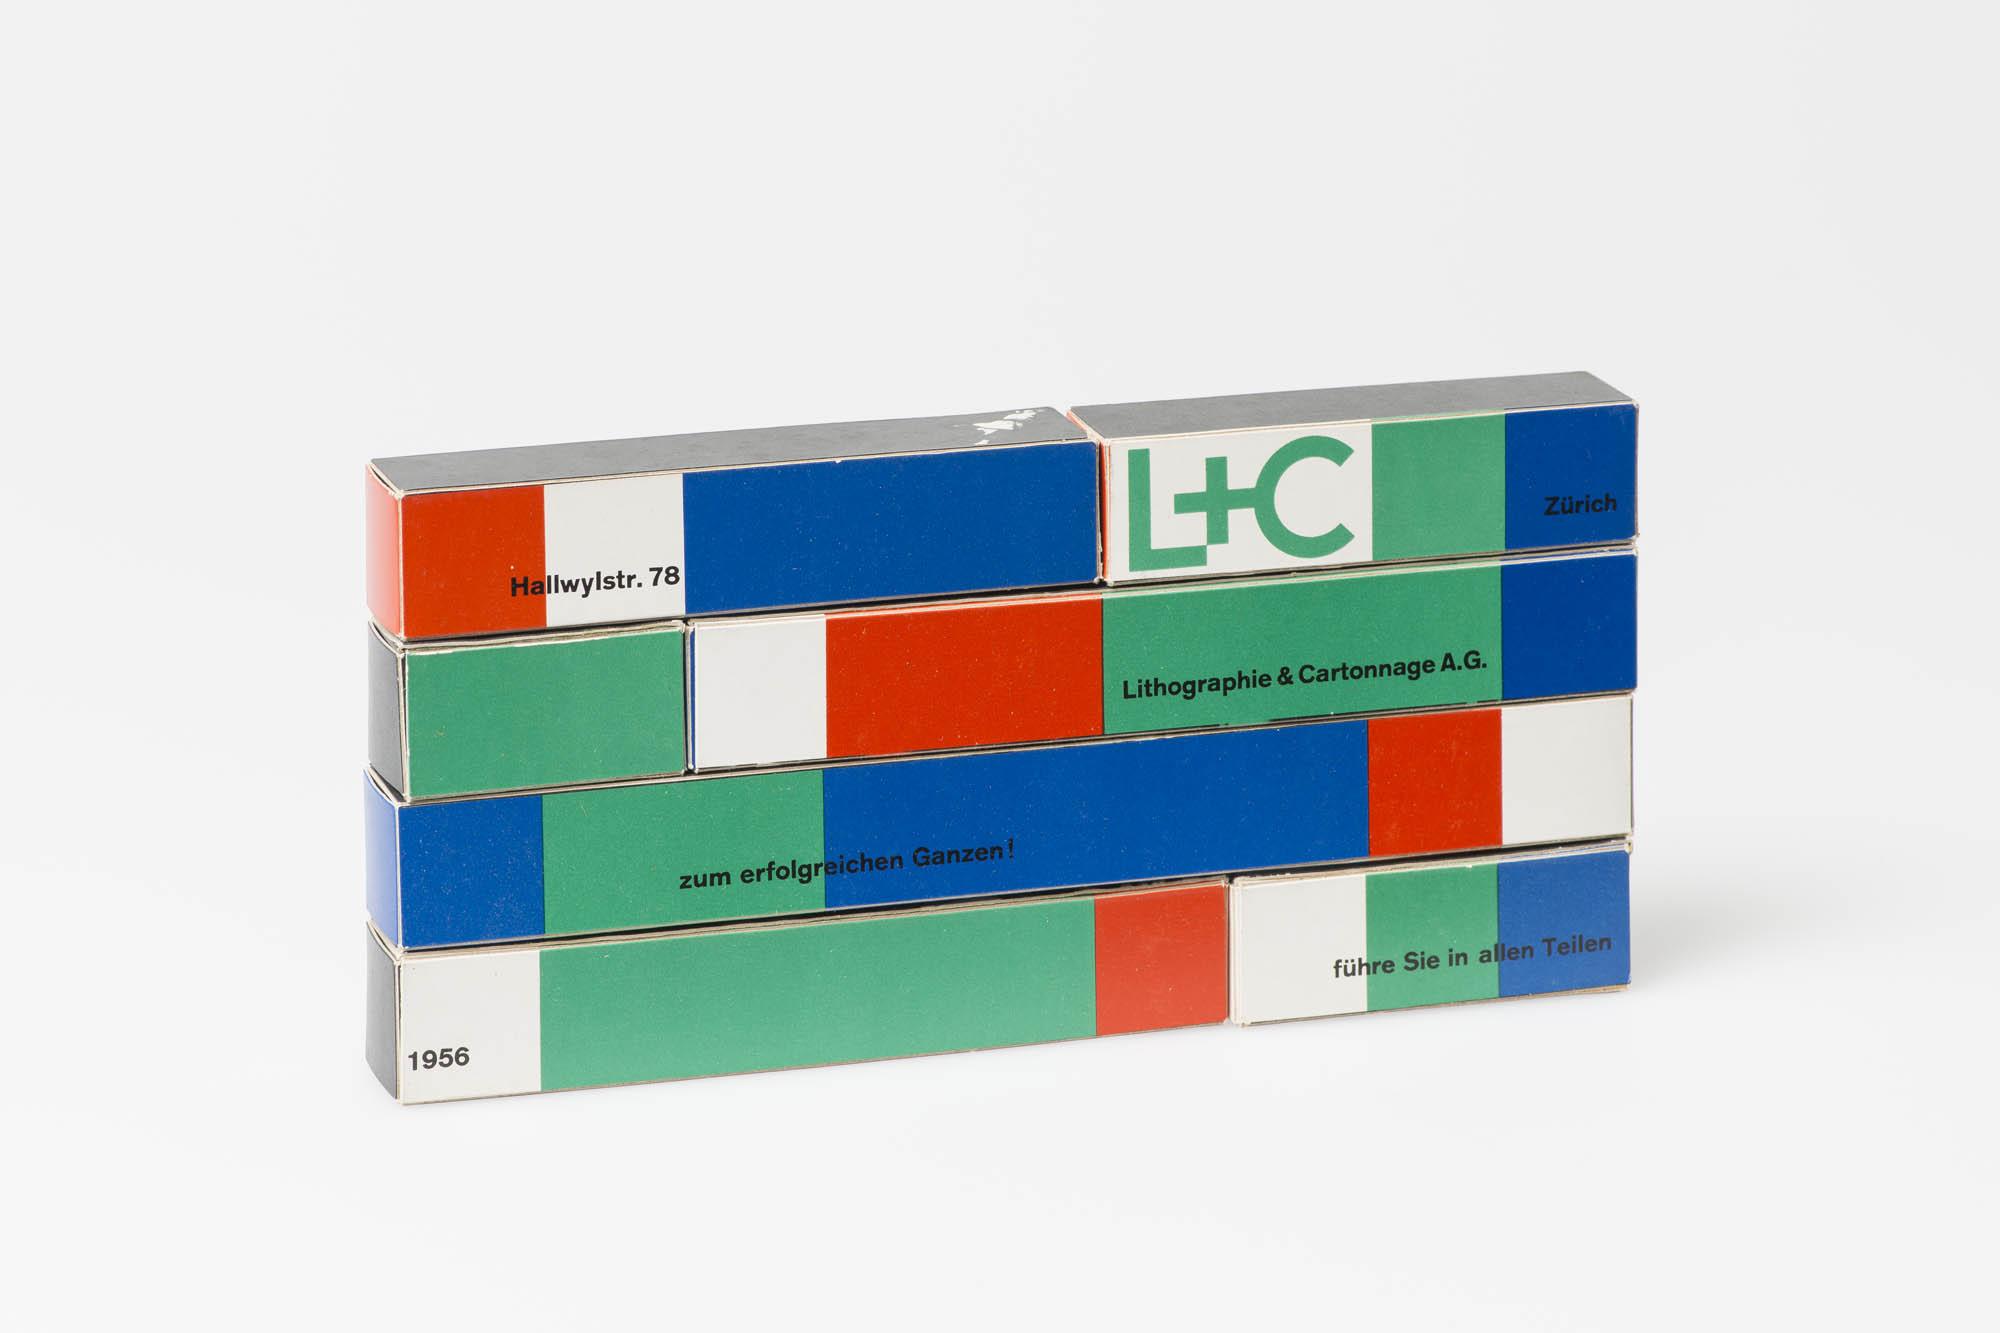 Lithographie & Cartonnage AG – Führe Sie in allen Teilen – zum erfolgreichen Ganzen! Atelier Müller-Brockmann Nelly Rudin Neujahrskarte